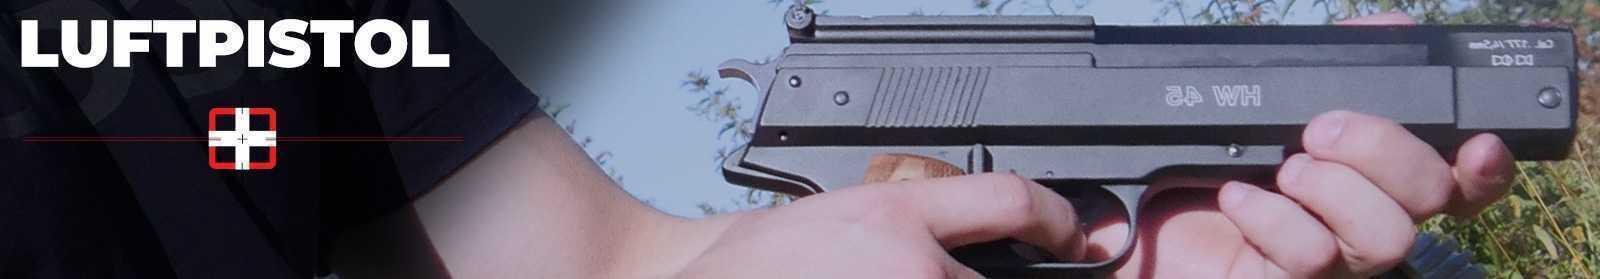 Luftpistoler - Køb luftpistoler på AIRGUN.dk